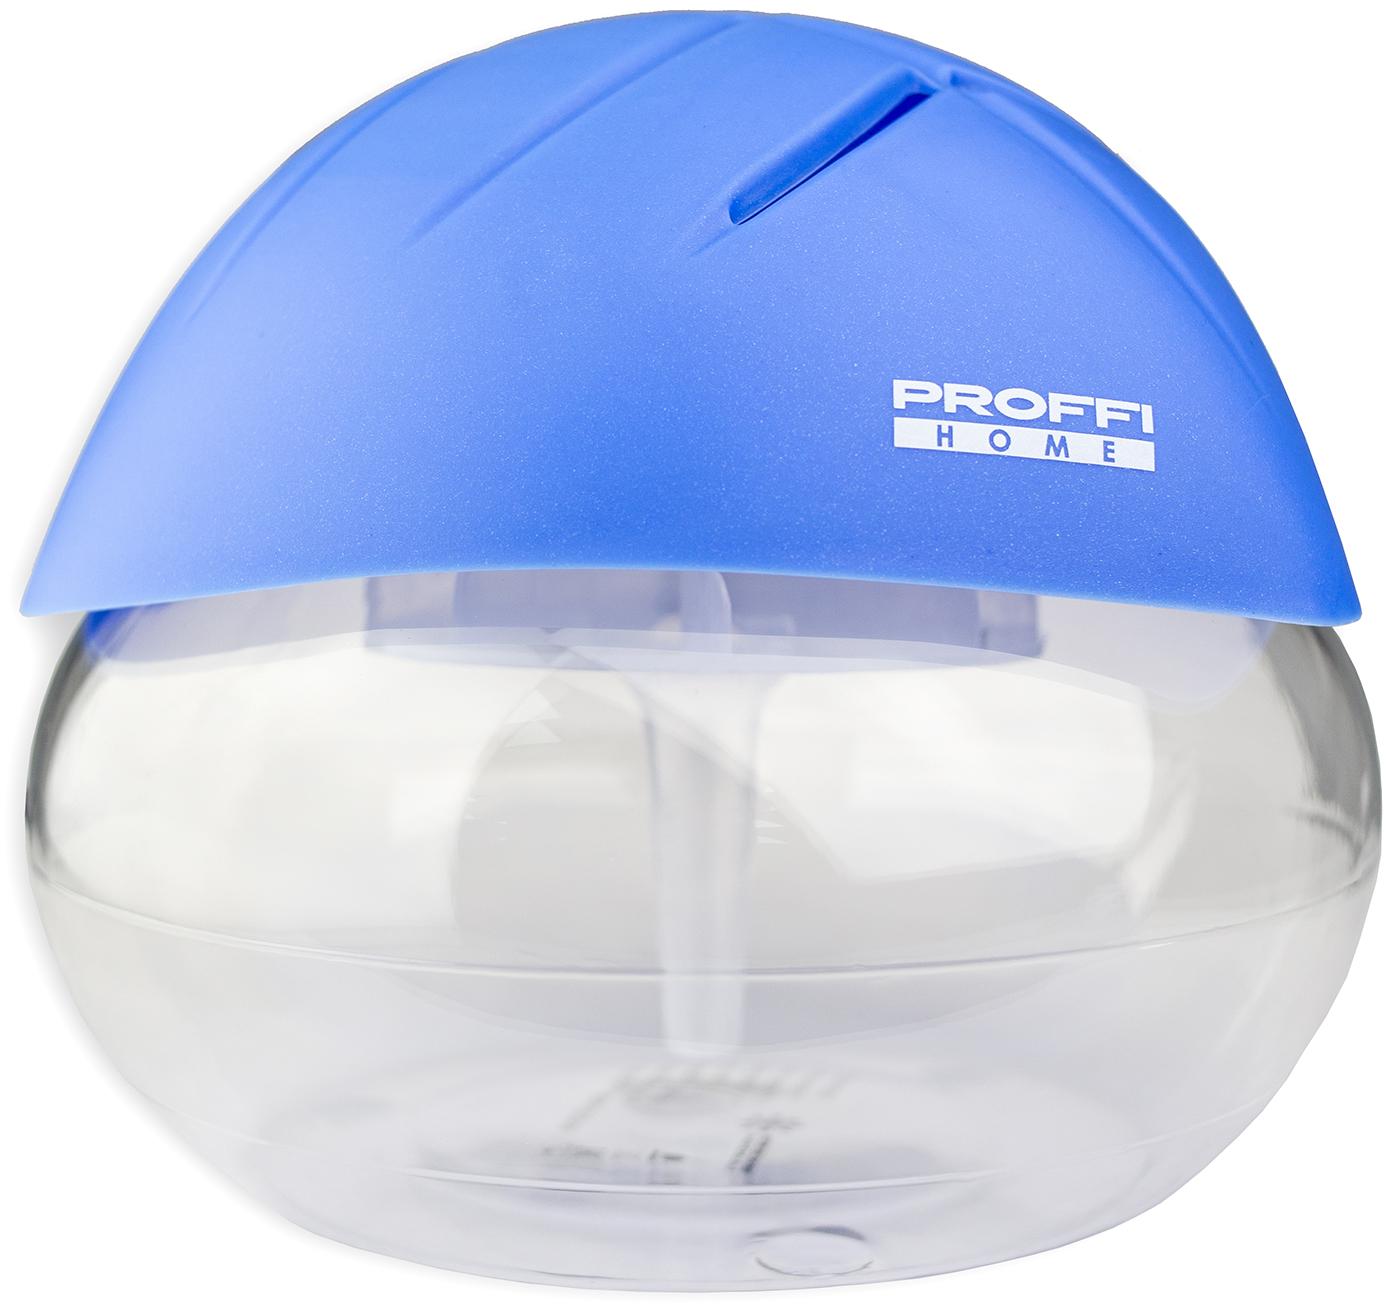 Увлажнитель воздуха PROFFI PH8791 (3 в 1- увлажнитель, мойка воздуха, ночник), прозрачный, синий увлажнитель воздуха швейцария